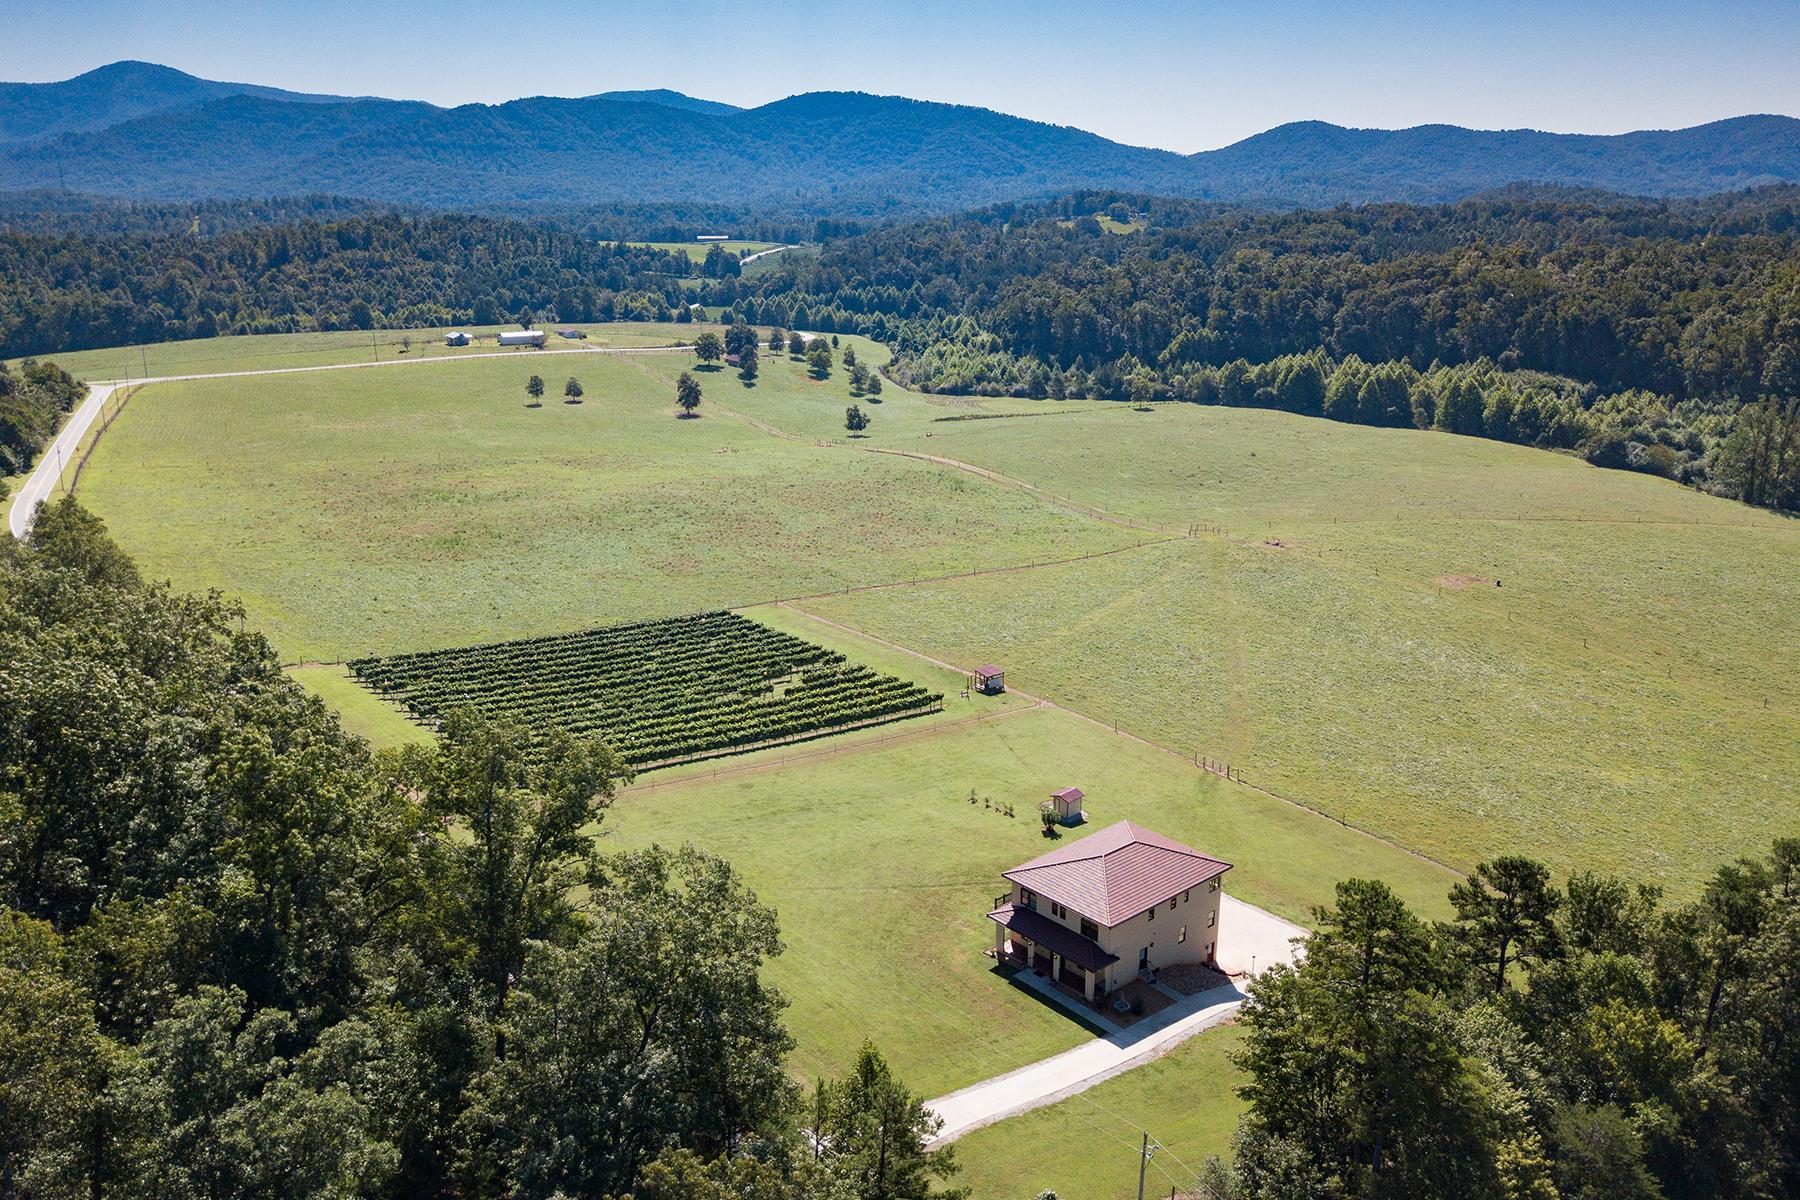 Φάρμα/ράντσο/φυτεία για την Πώληση στο NEBO 1418 Landis Ln, Nebo, Βορεια Καρολινα 28761 Ηνωμένες Πολιτείες